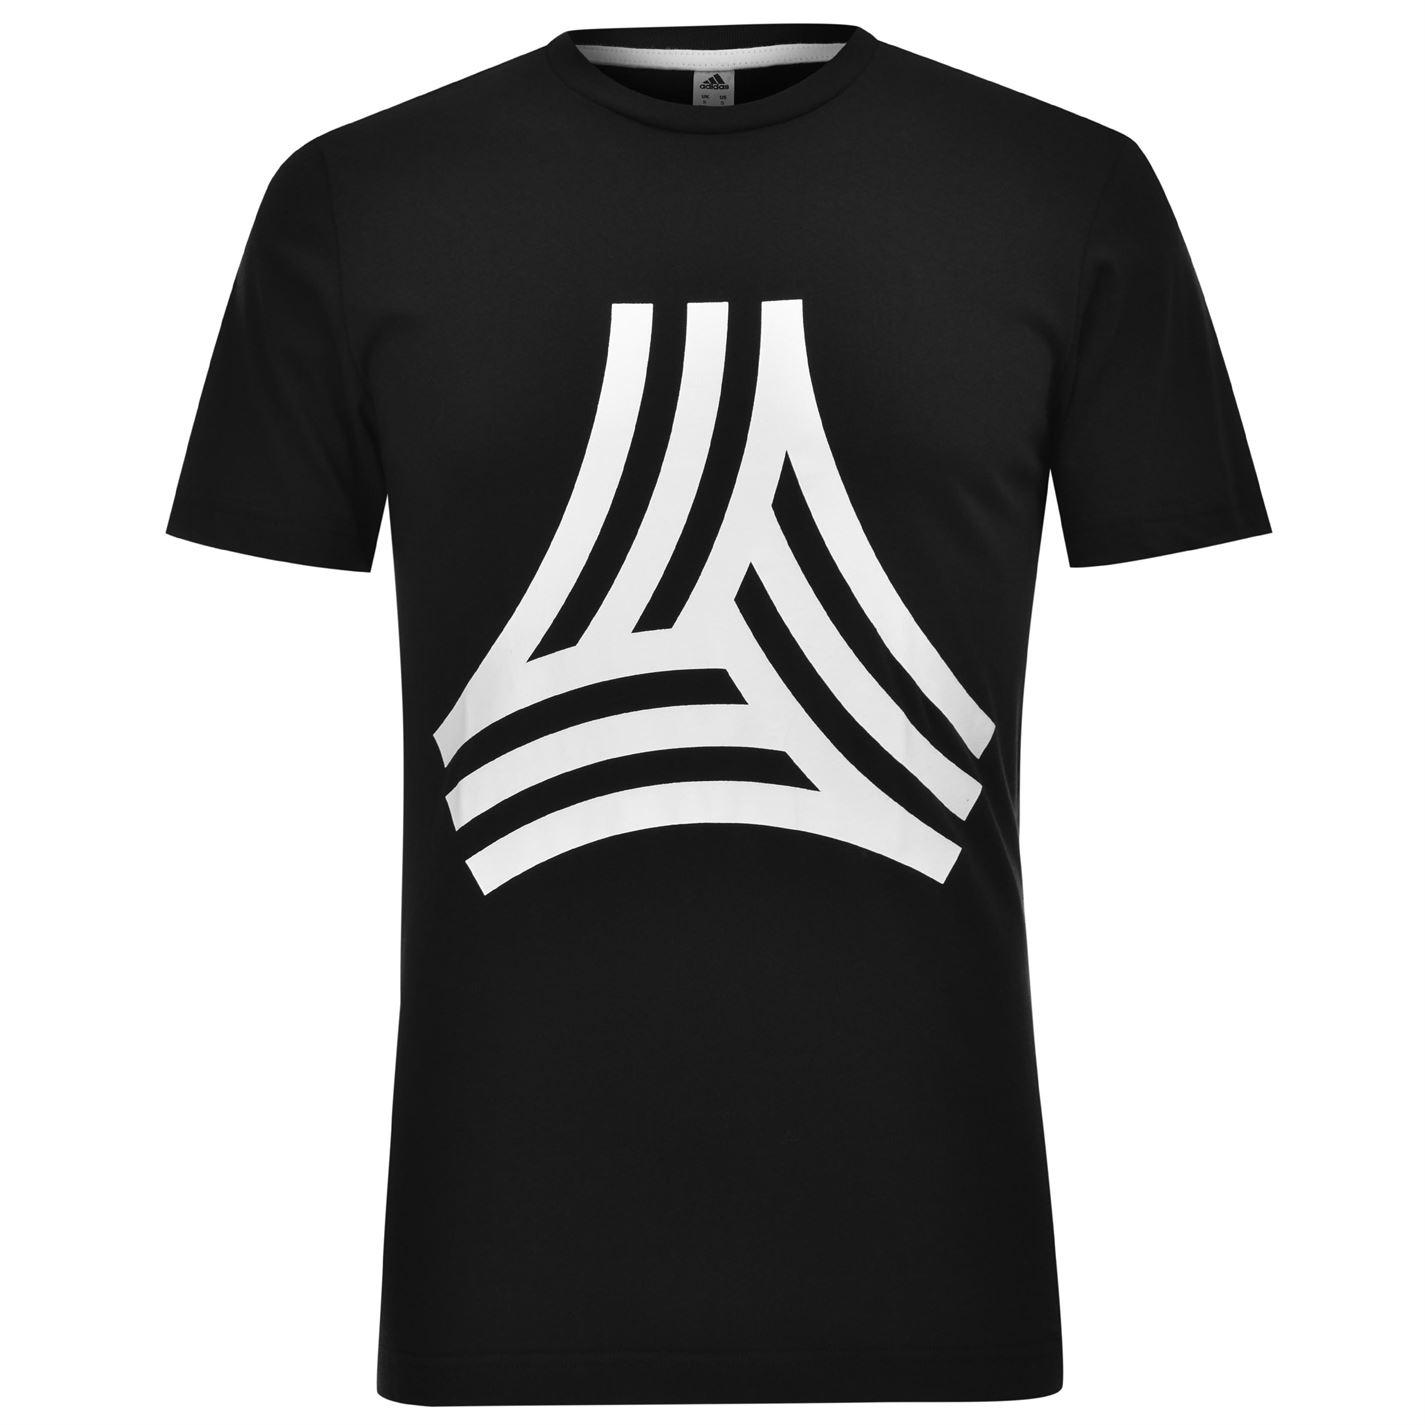 Adidas Tan Graphic Mens T-Shirt